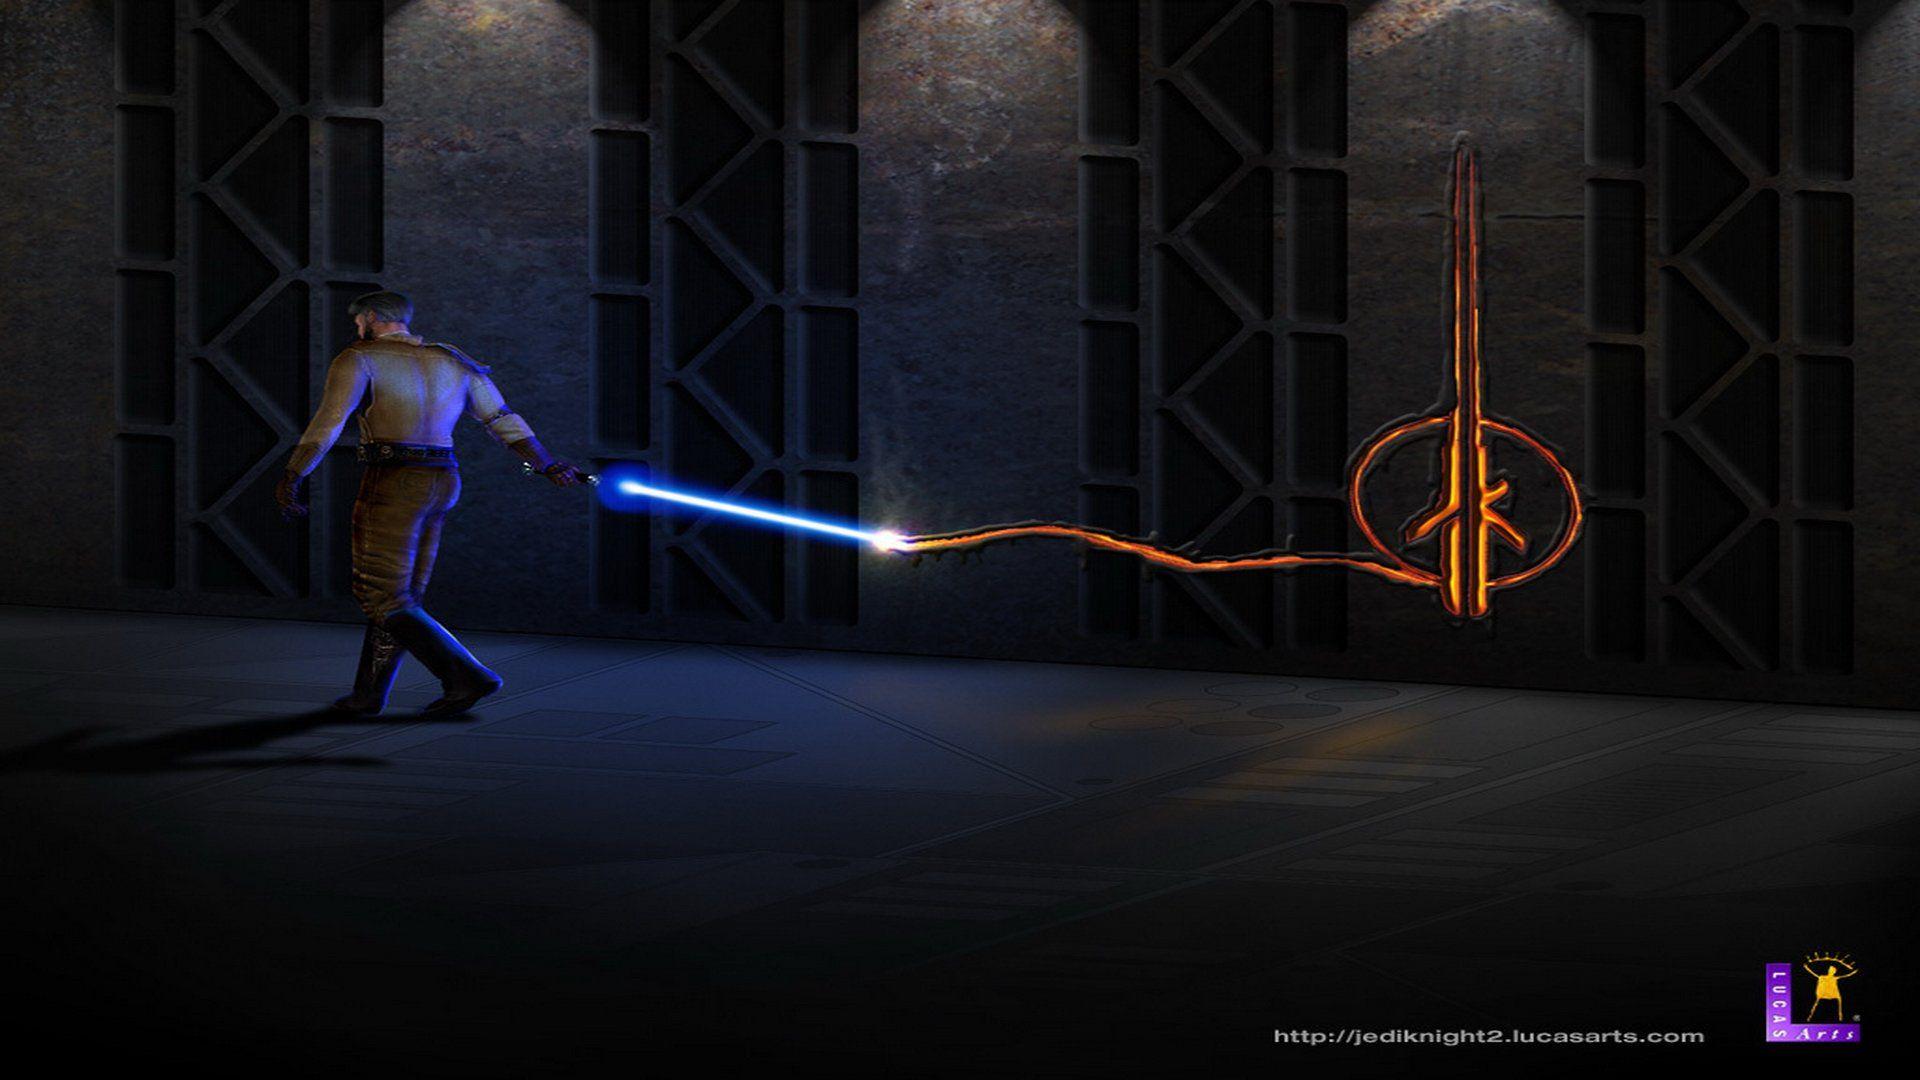 Star Wars Jedi Knight 2 Jedi Outcast Wallpaper Wallpaper Jedi Outcast Star Wars Jedi Jedi Knight